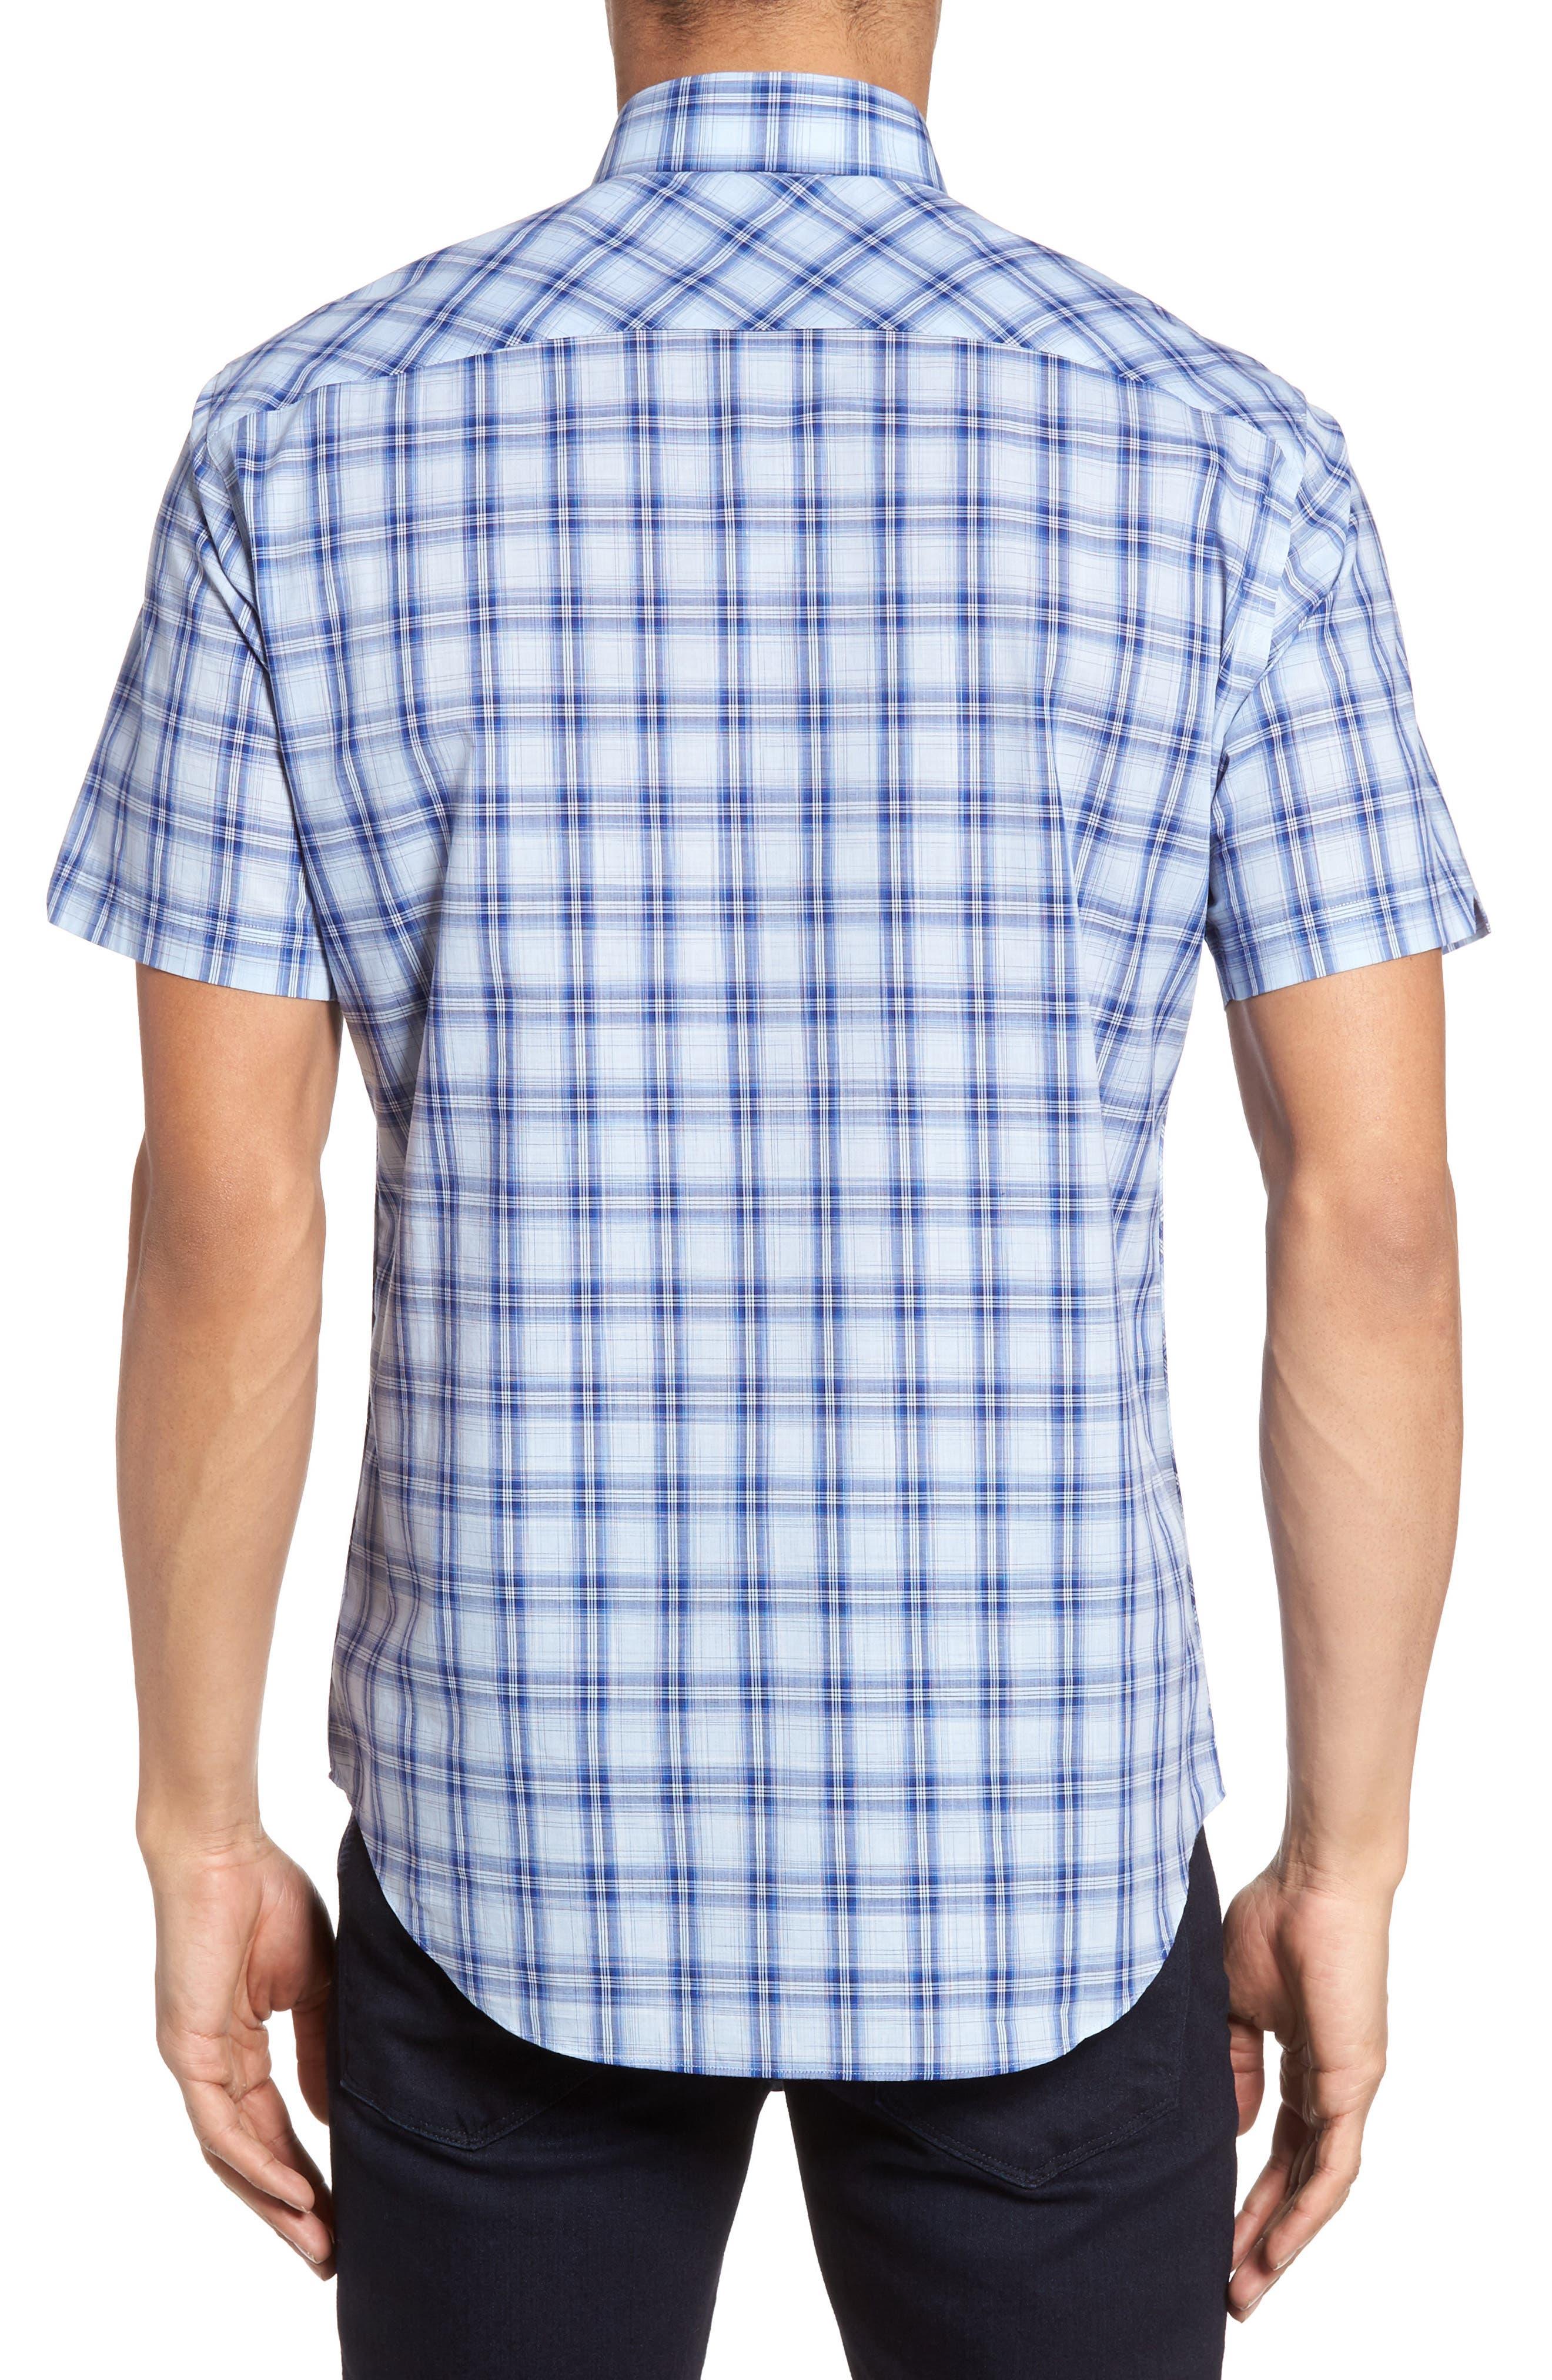 Hwang Trim Fit Plaid Sport Shirt,                             Alternate thumbnail 2, color,                             Pale Blue